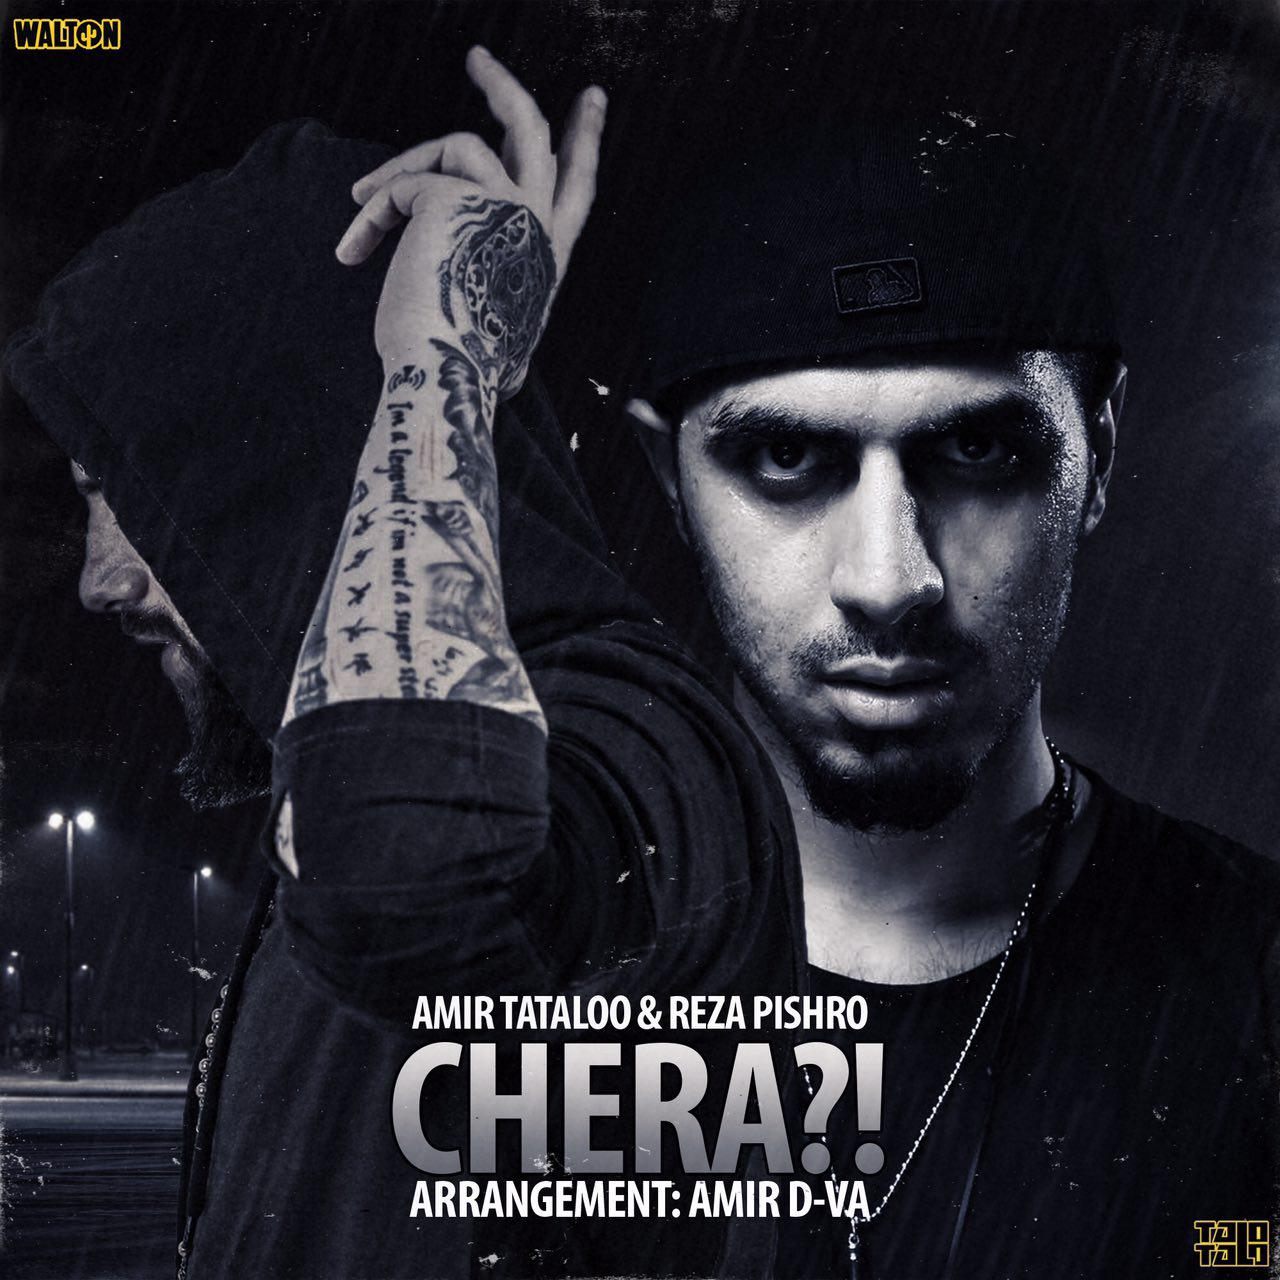 Chera